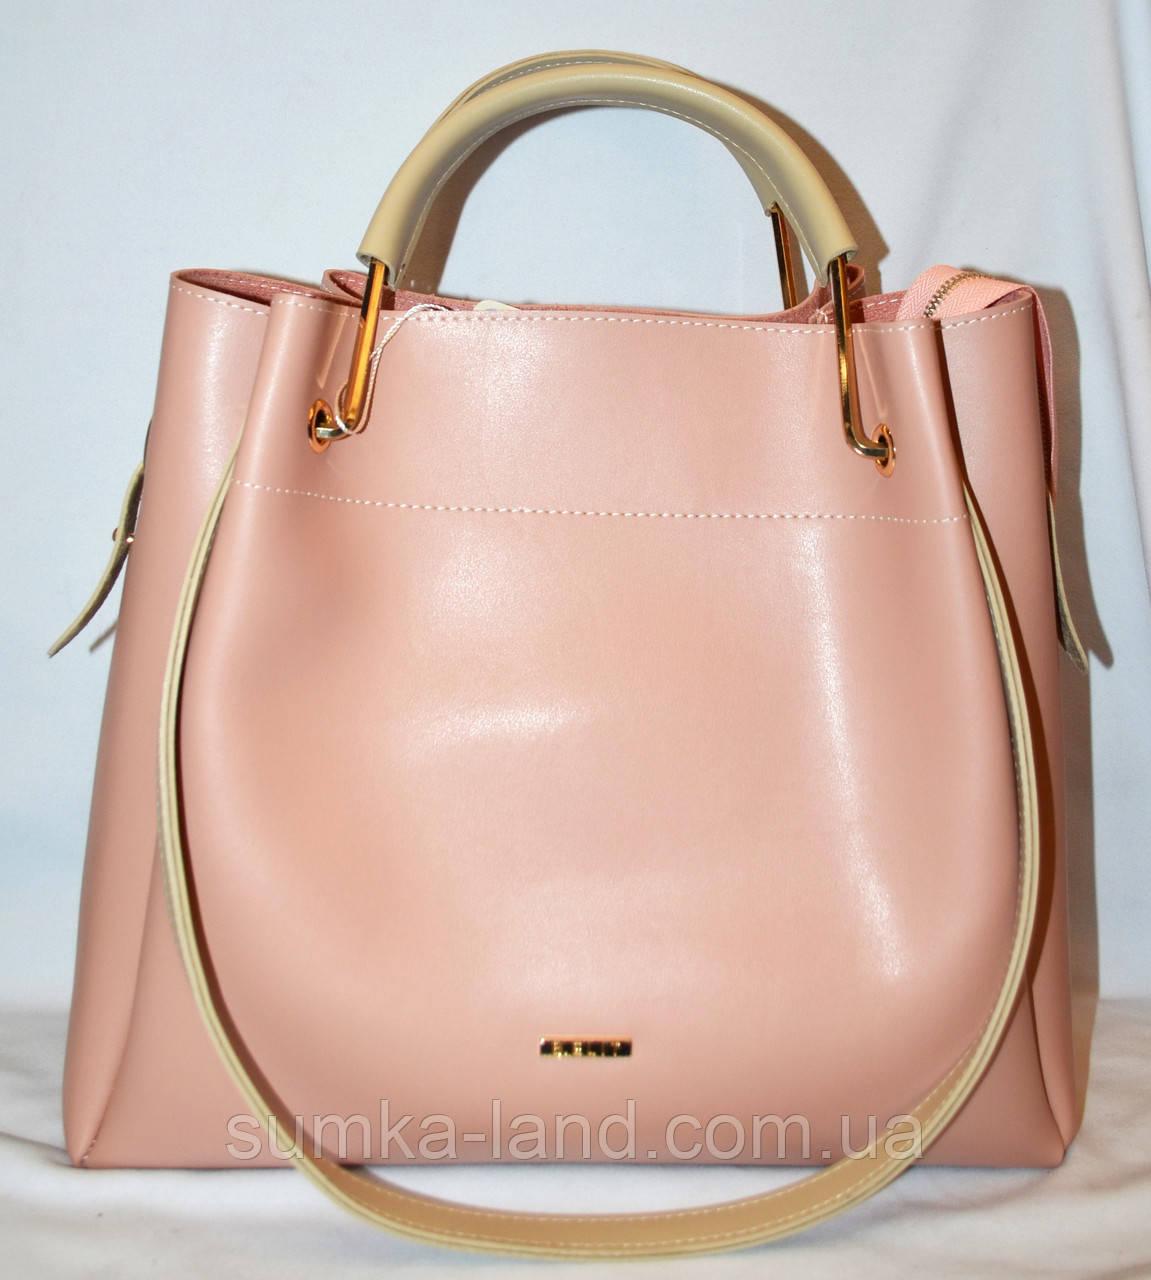 3253da499396 Женская элитная пудровая сумка B Elit с бежевыми ручками 32 30 грн ...